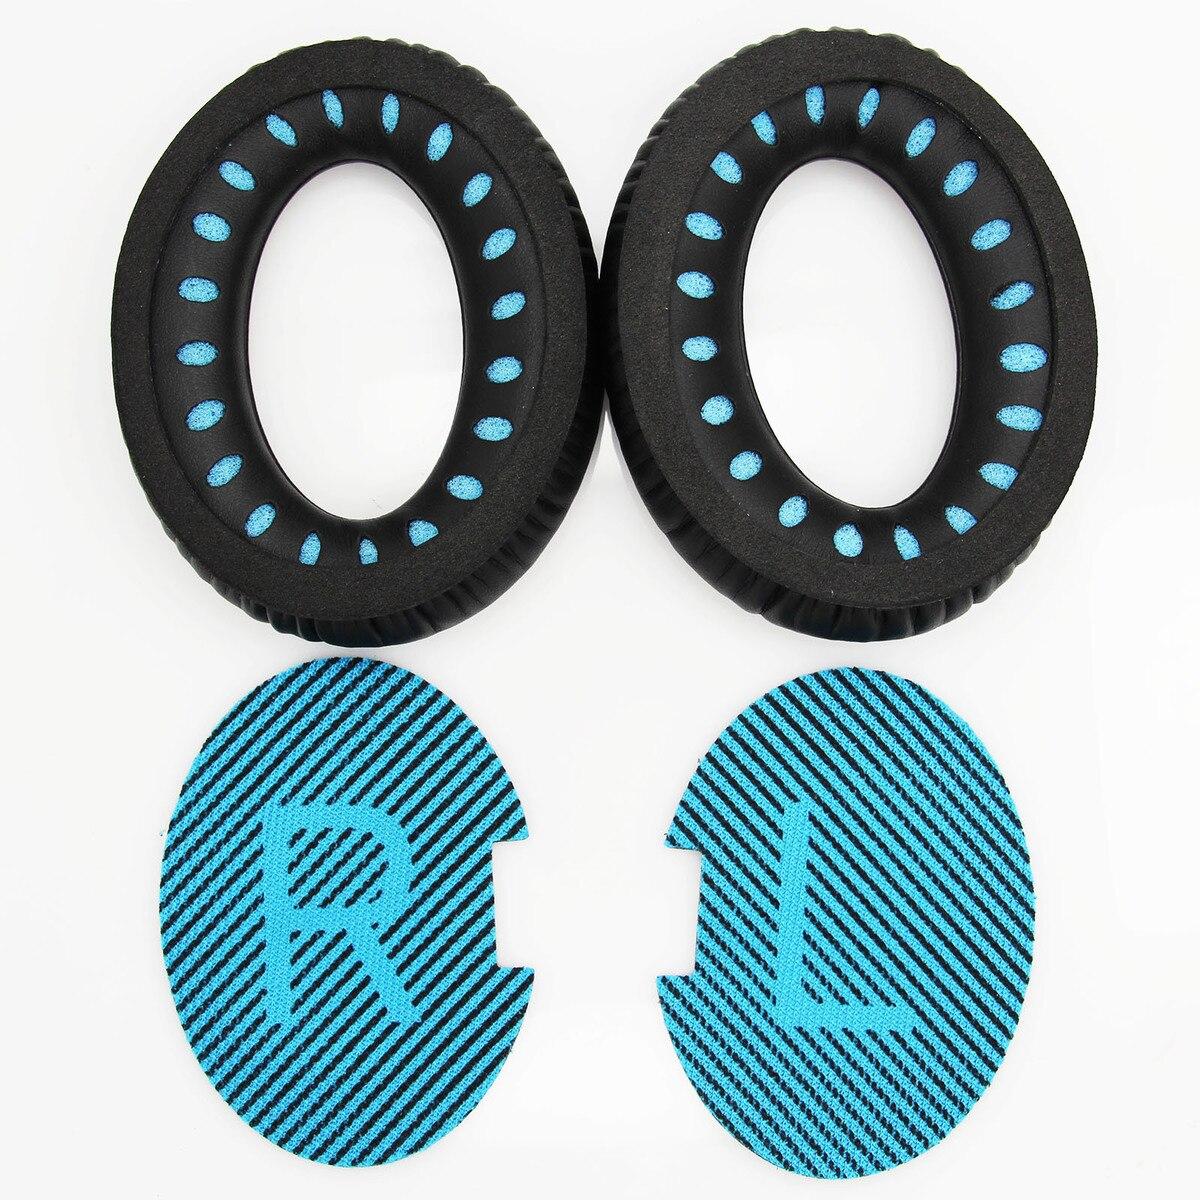 Haute qualité 1 paire de Remplacement mousse oreille tapis coussins D'oreille Pad coussinets pour Bose QC2 QC15 AE2 AE2i AE2w casque